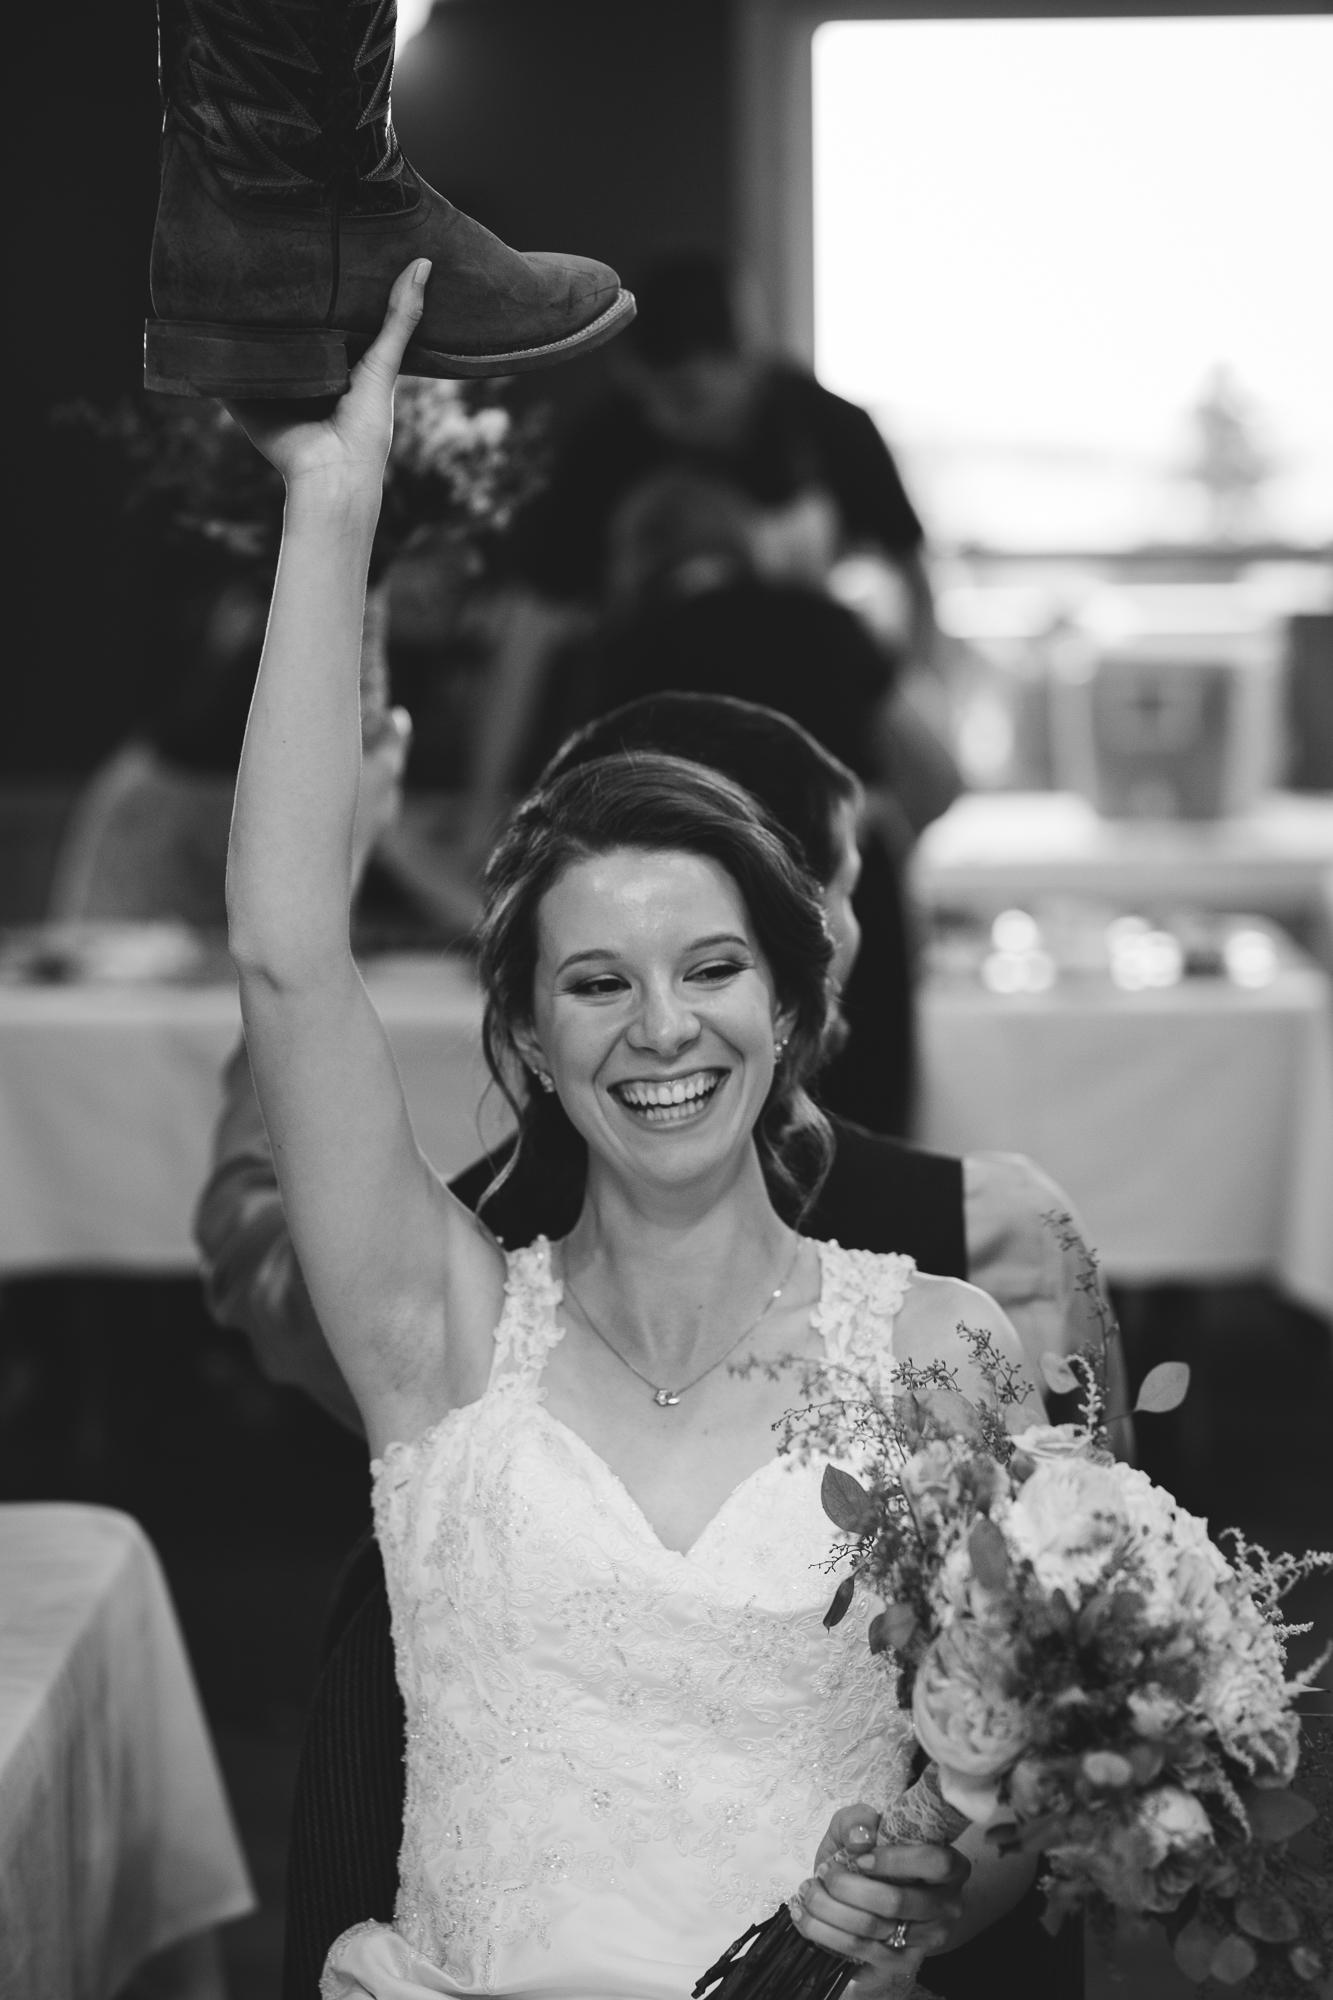 Deanna-Rachel-Photography-calgary-Wedding-photographer-jm-78.jpg